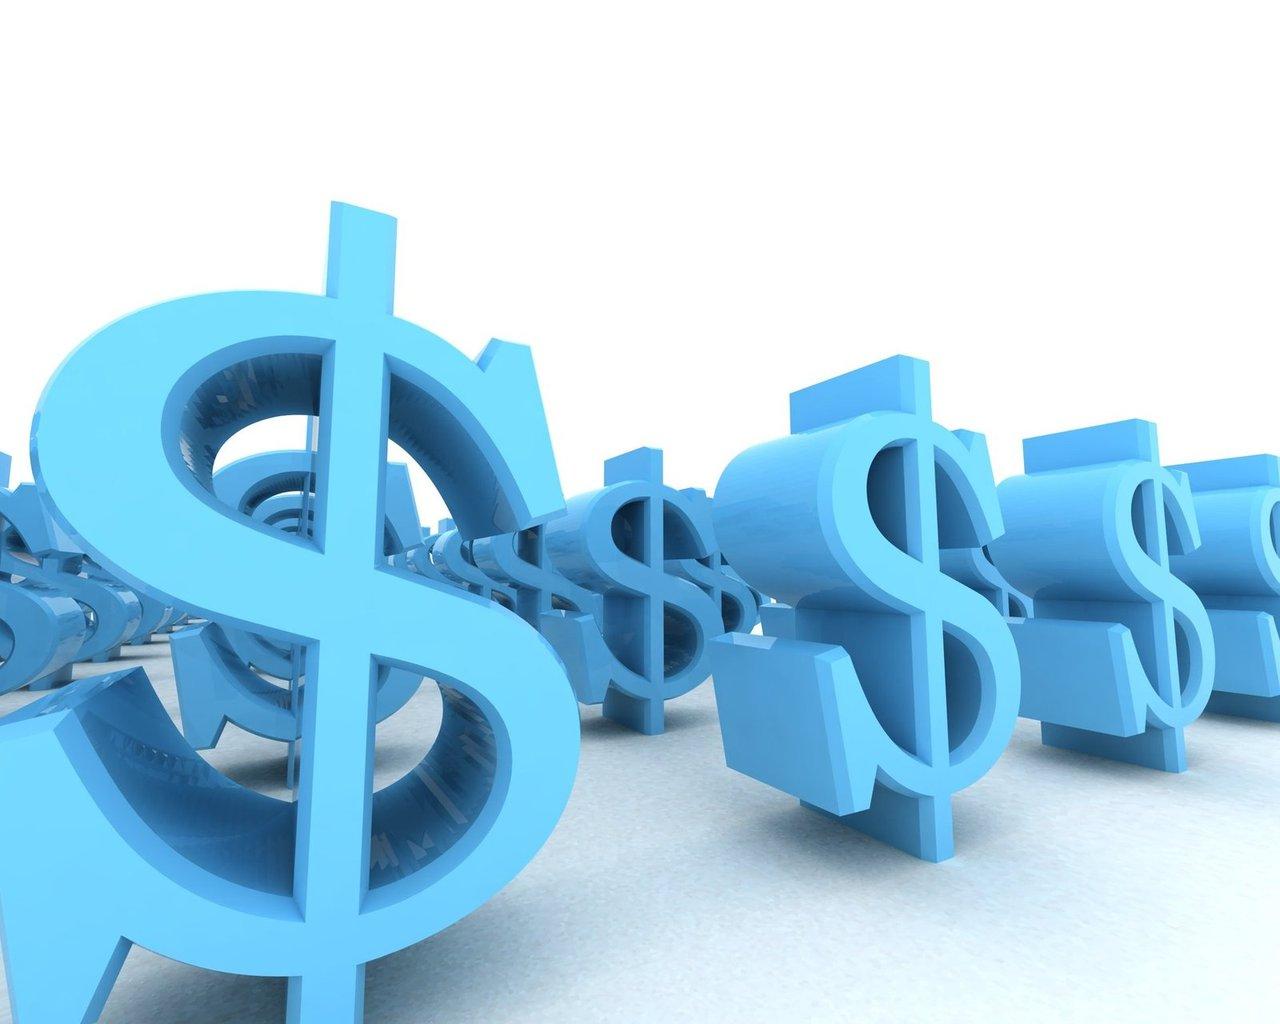 Dlaczego warto pożyczać społecznościowo?